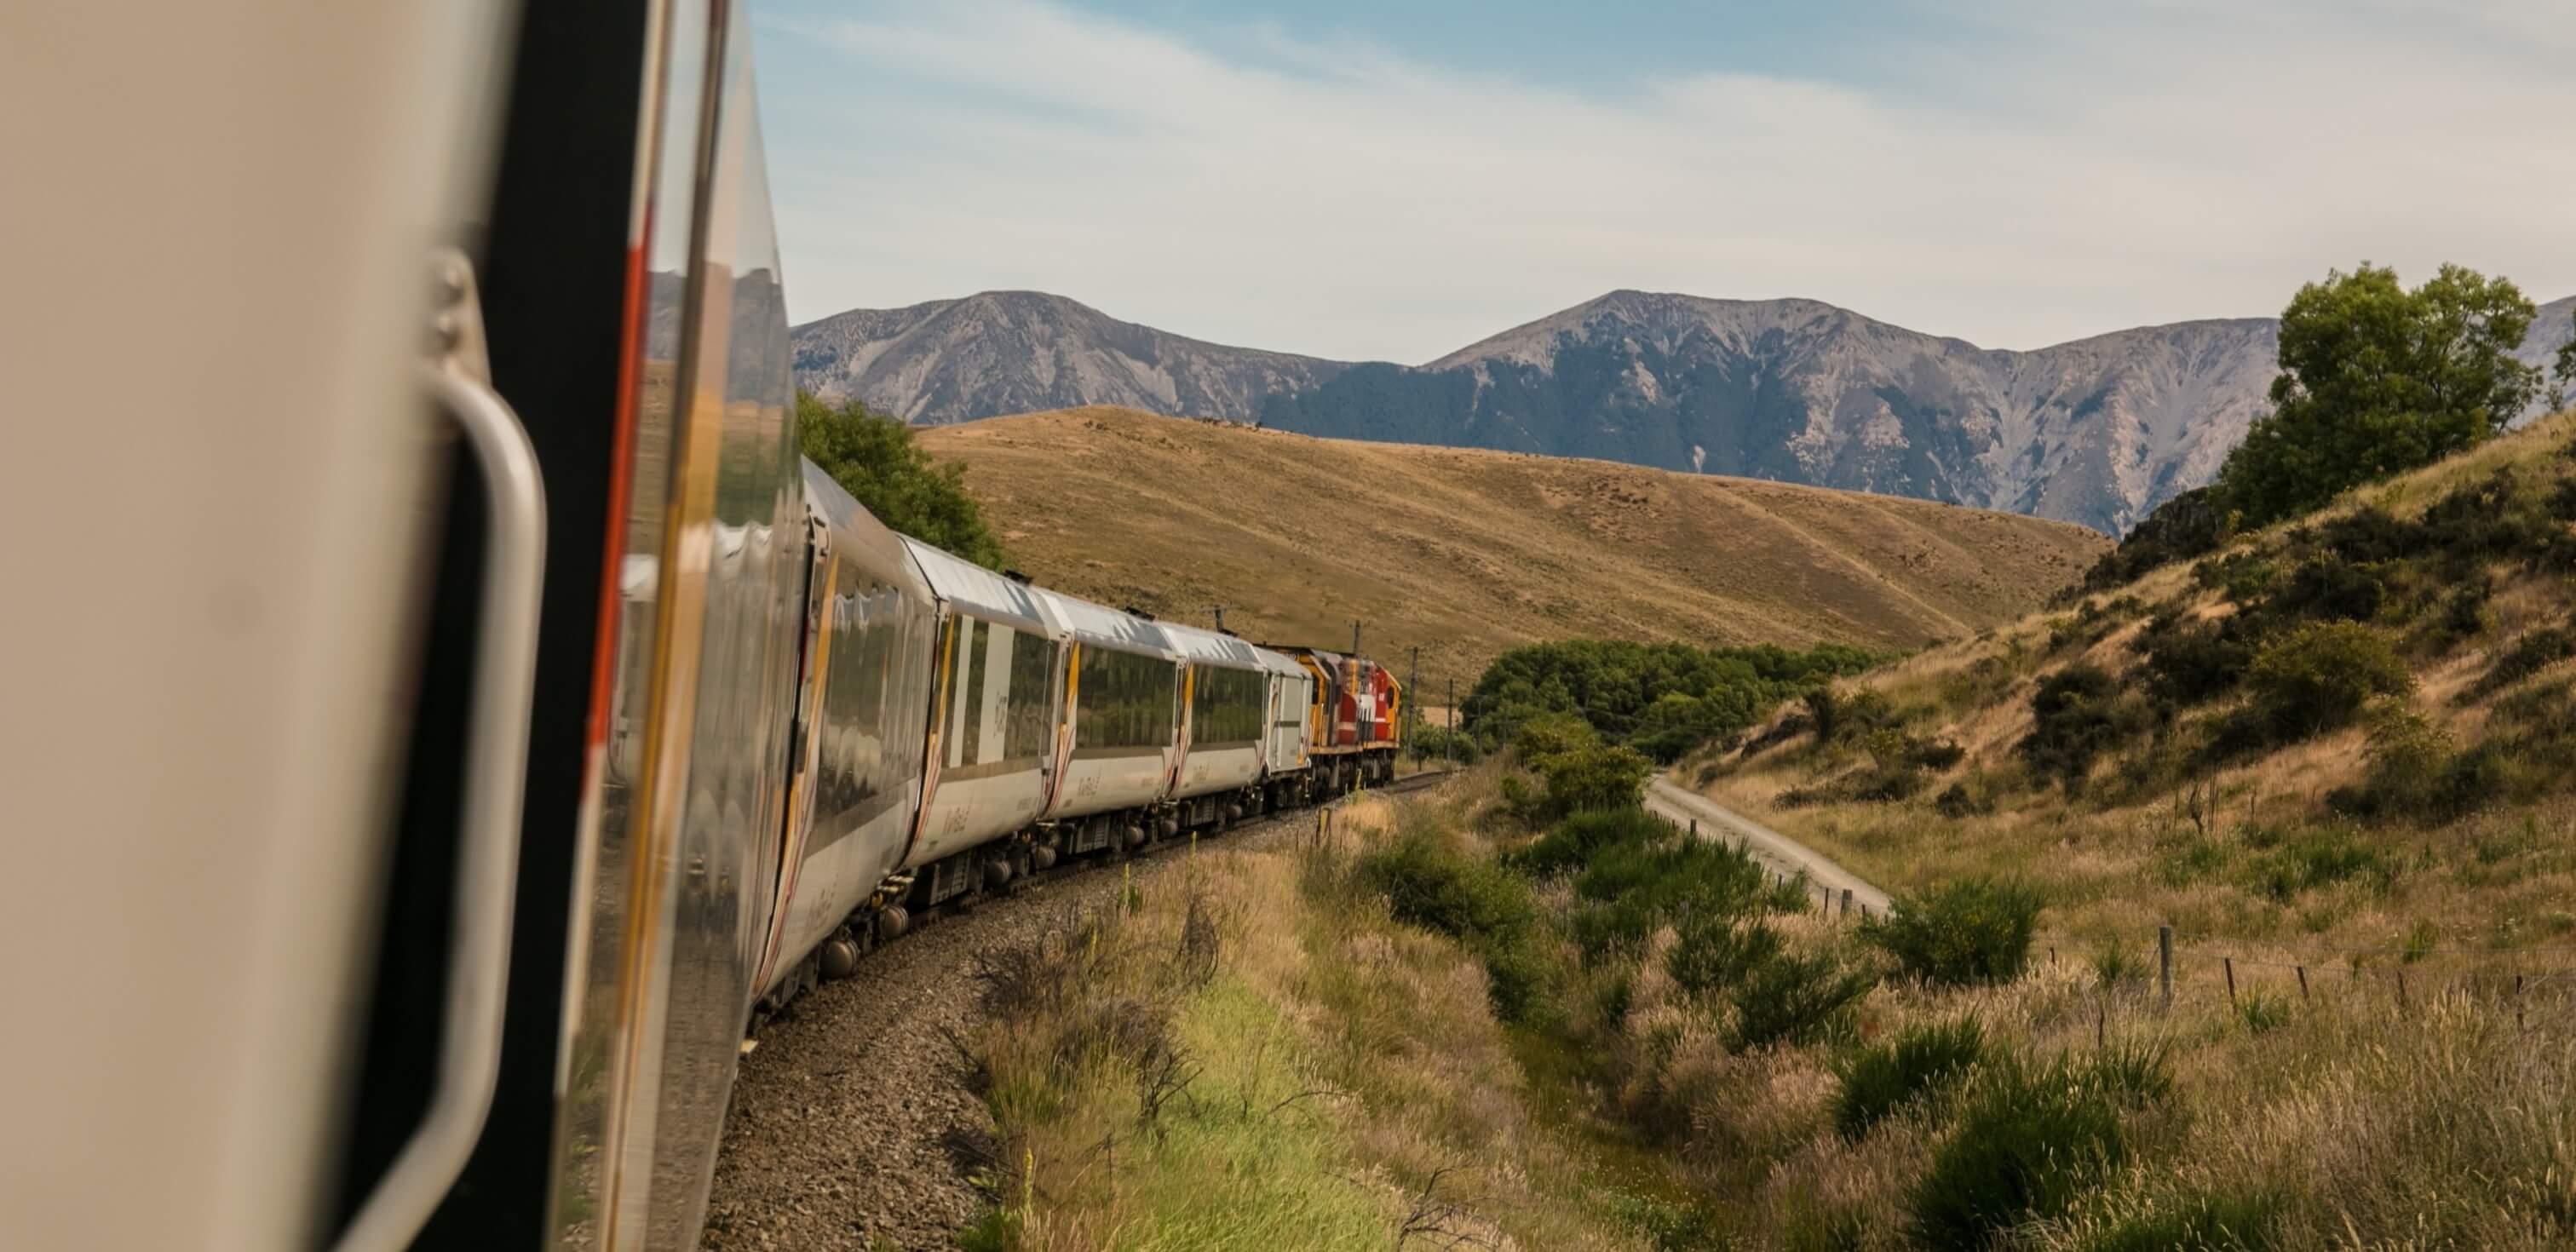 Diferença entre viagem e viajem: fotografia de um trem em uma paisagem.